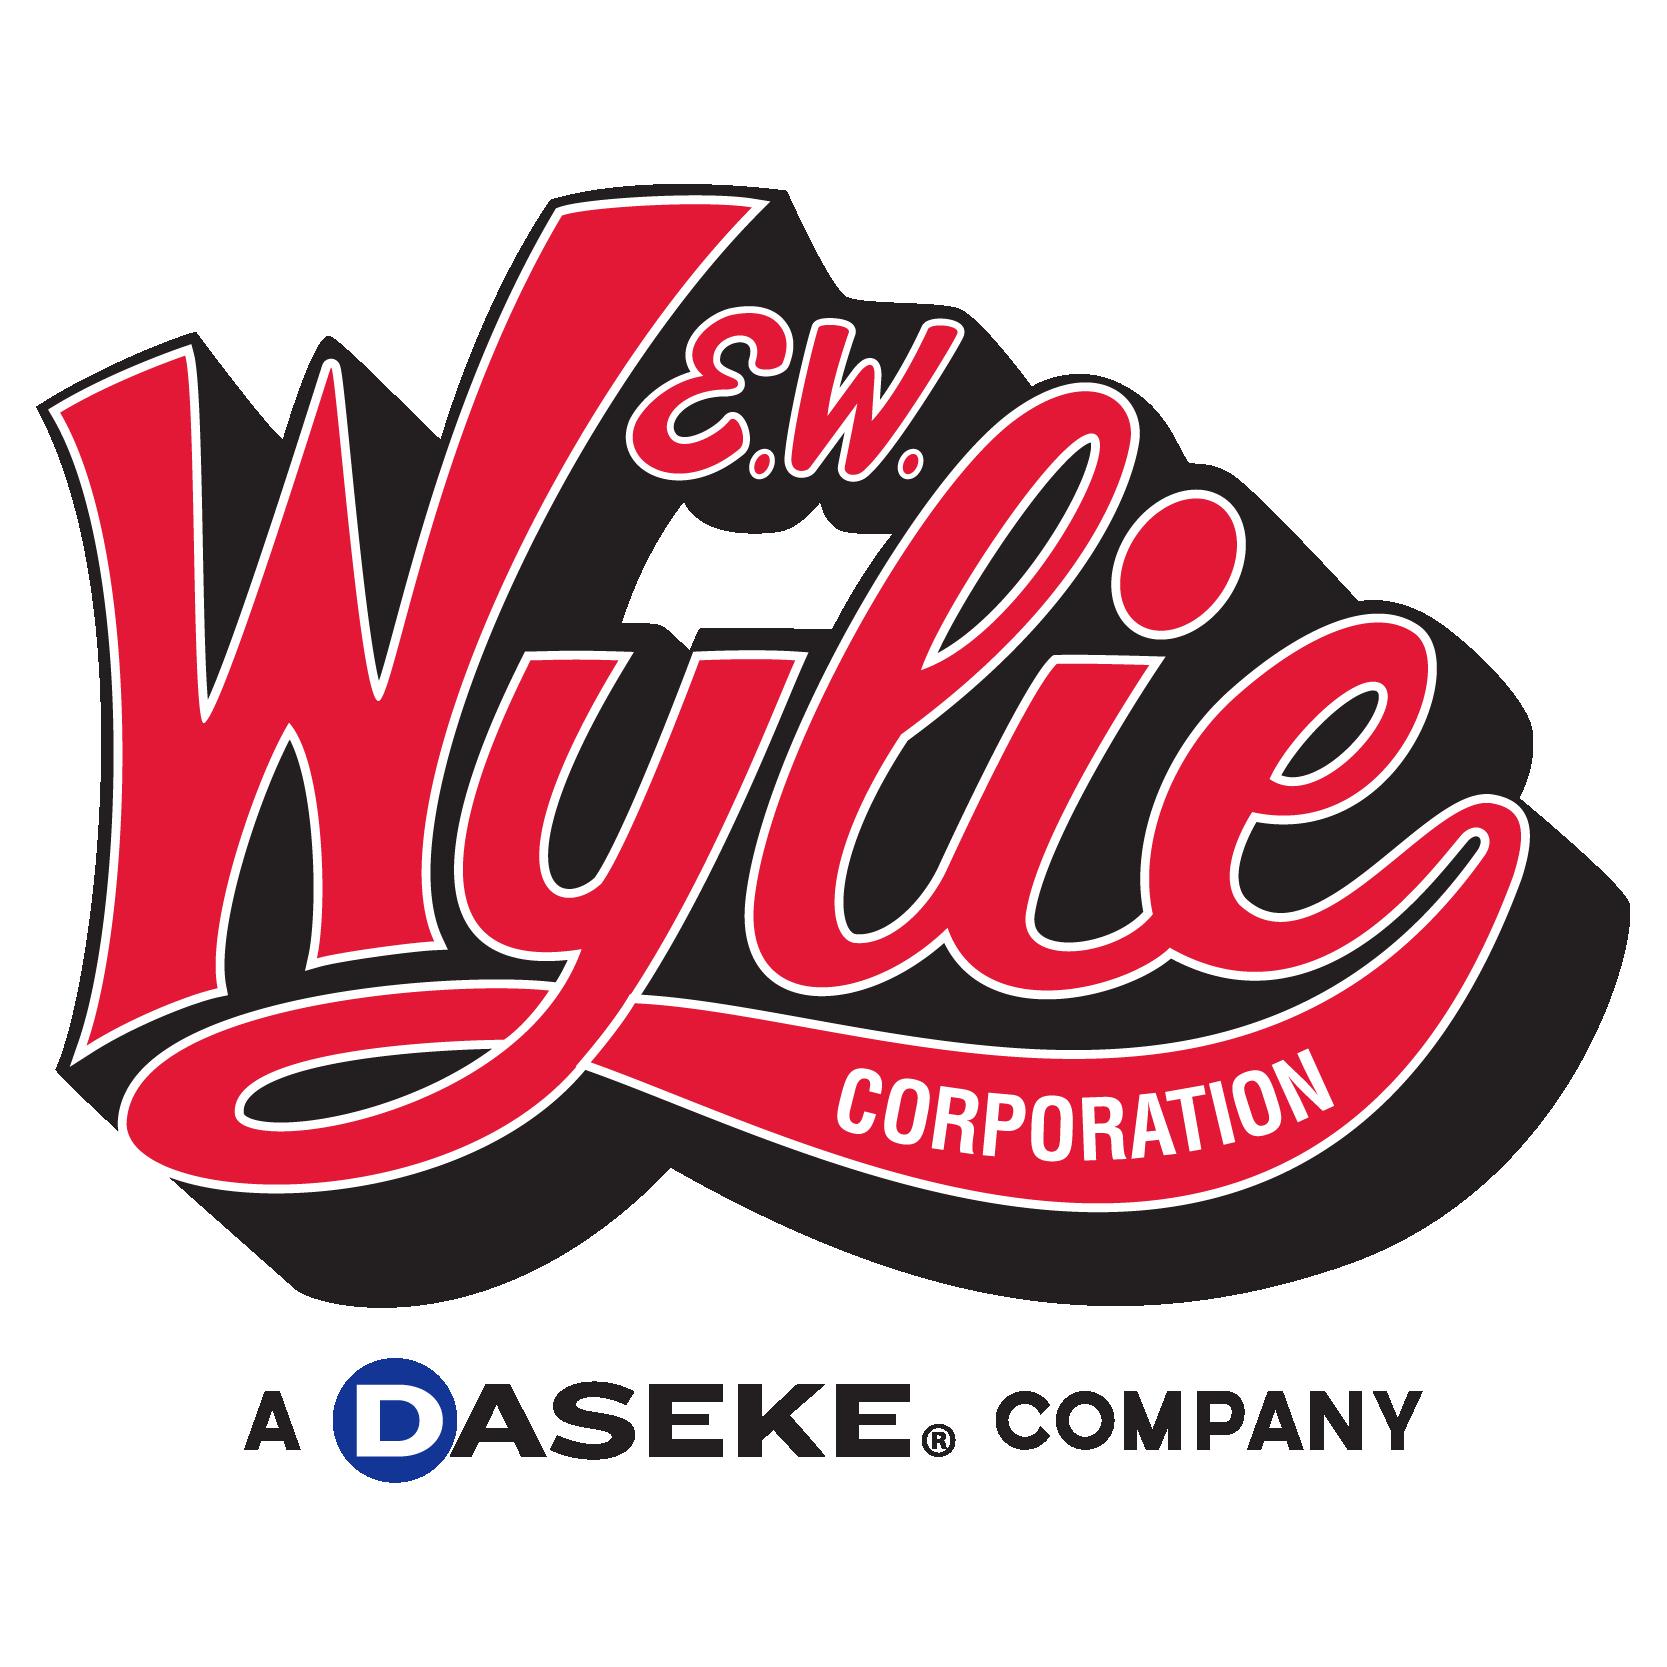 E.W. Wylie logo